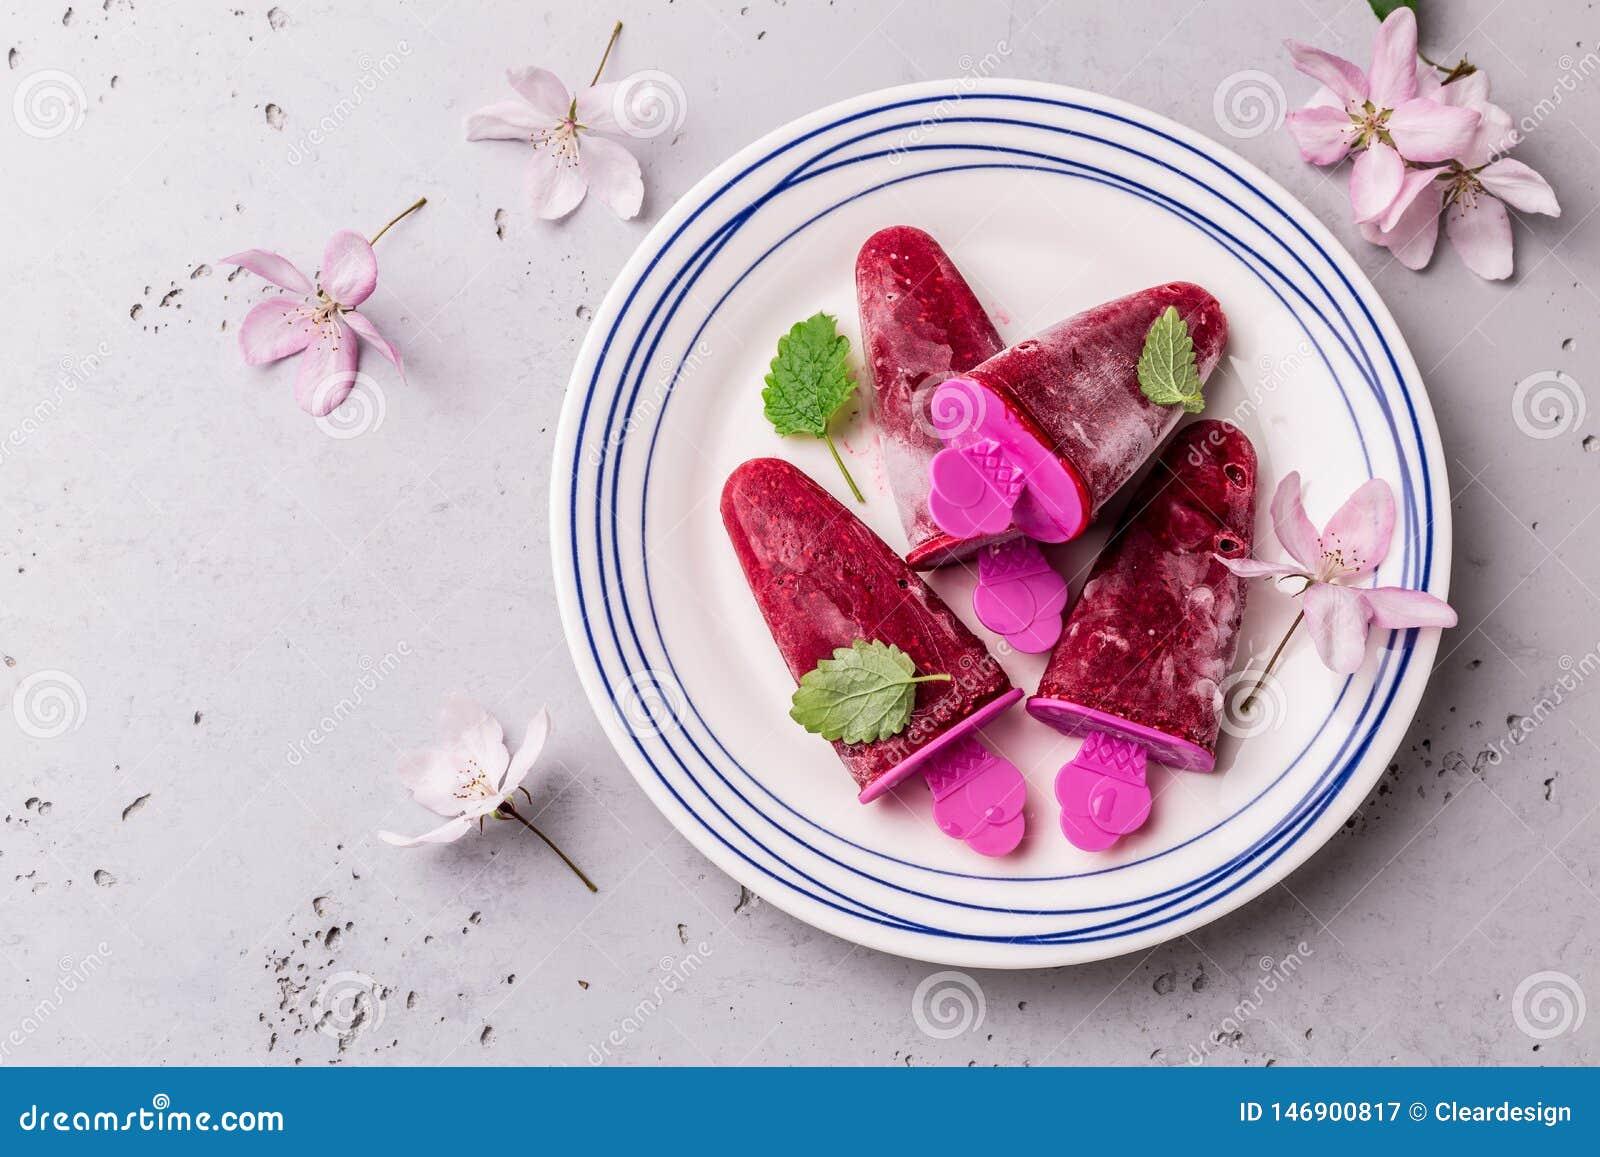 Sorbetto del lampone - freddo di estate, dessert fruttato di rinfresco